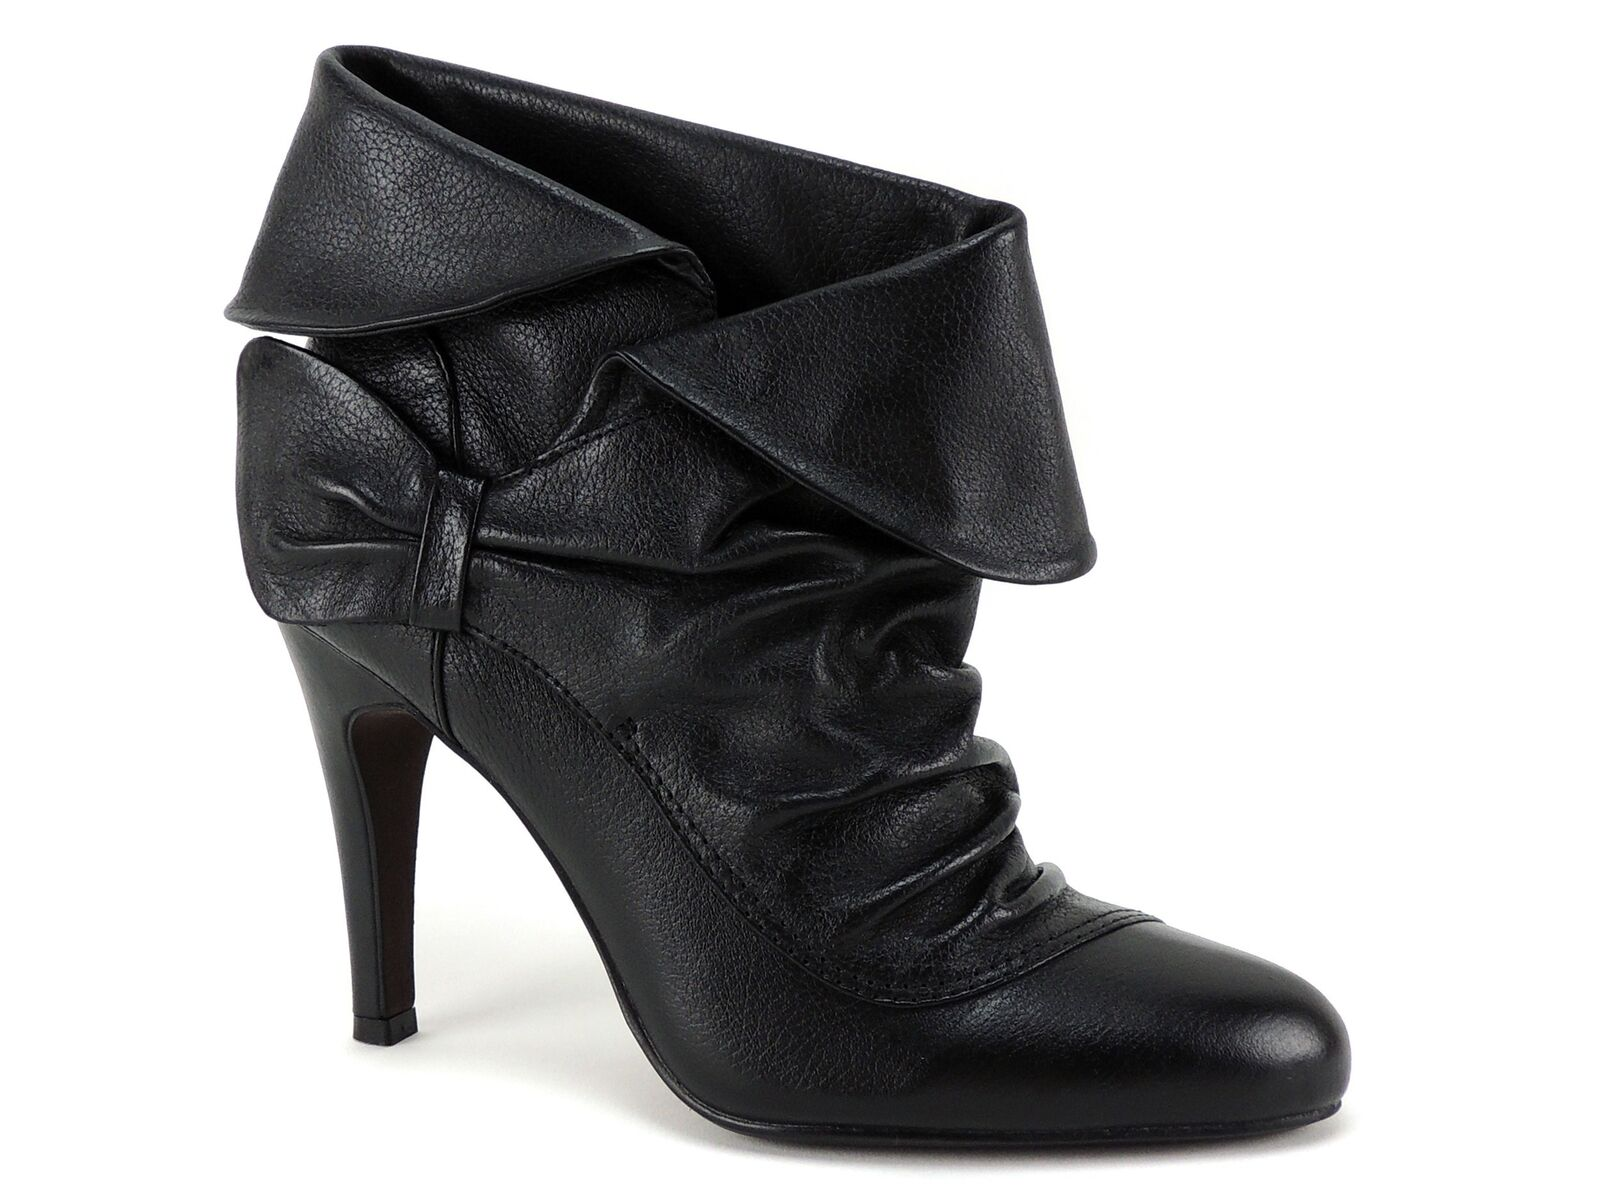 Informe para mujer mujer mujer botas al tobillo de Britt Plegable De Cuero Negro Tamaño 7 M  70% de descuento